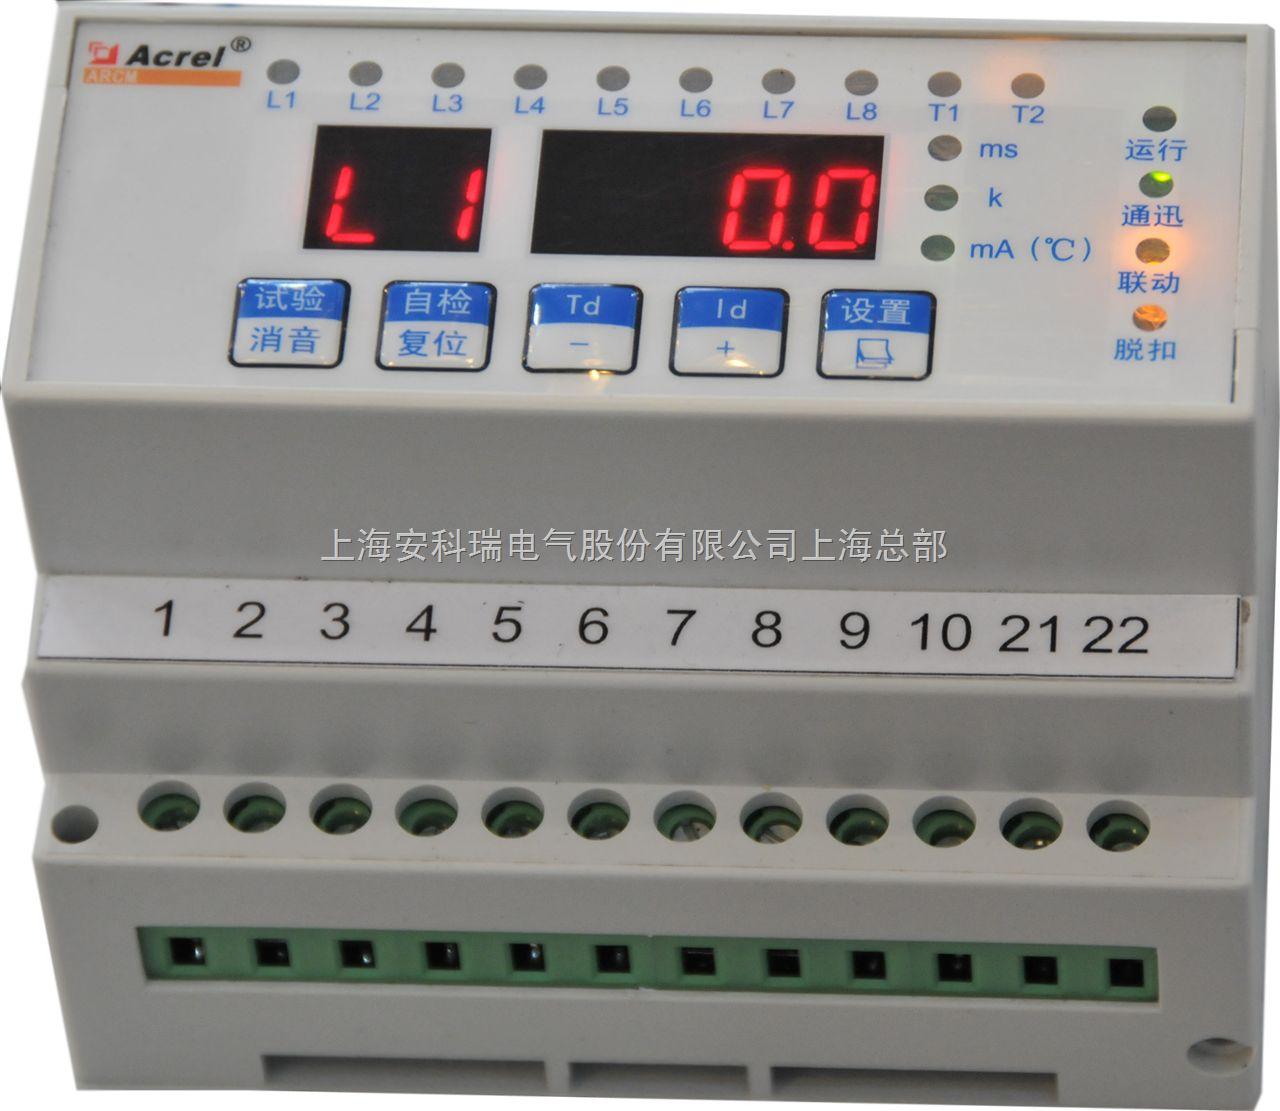 上海安科瑞剩余电流探测器ARCM300价格